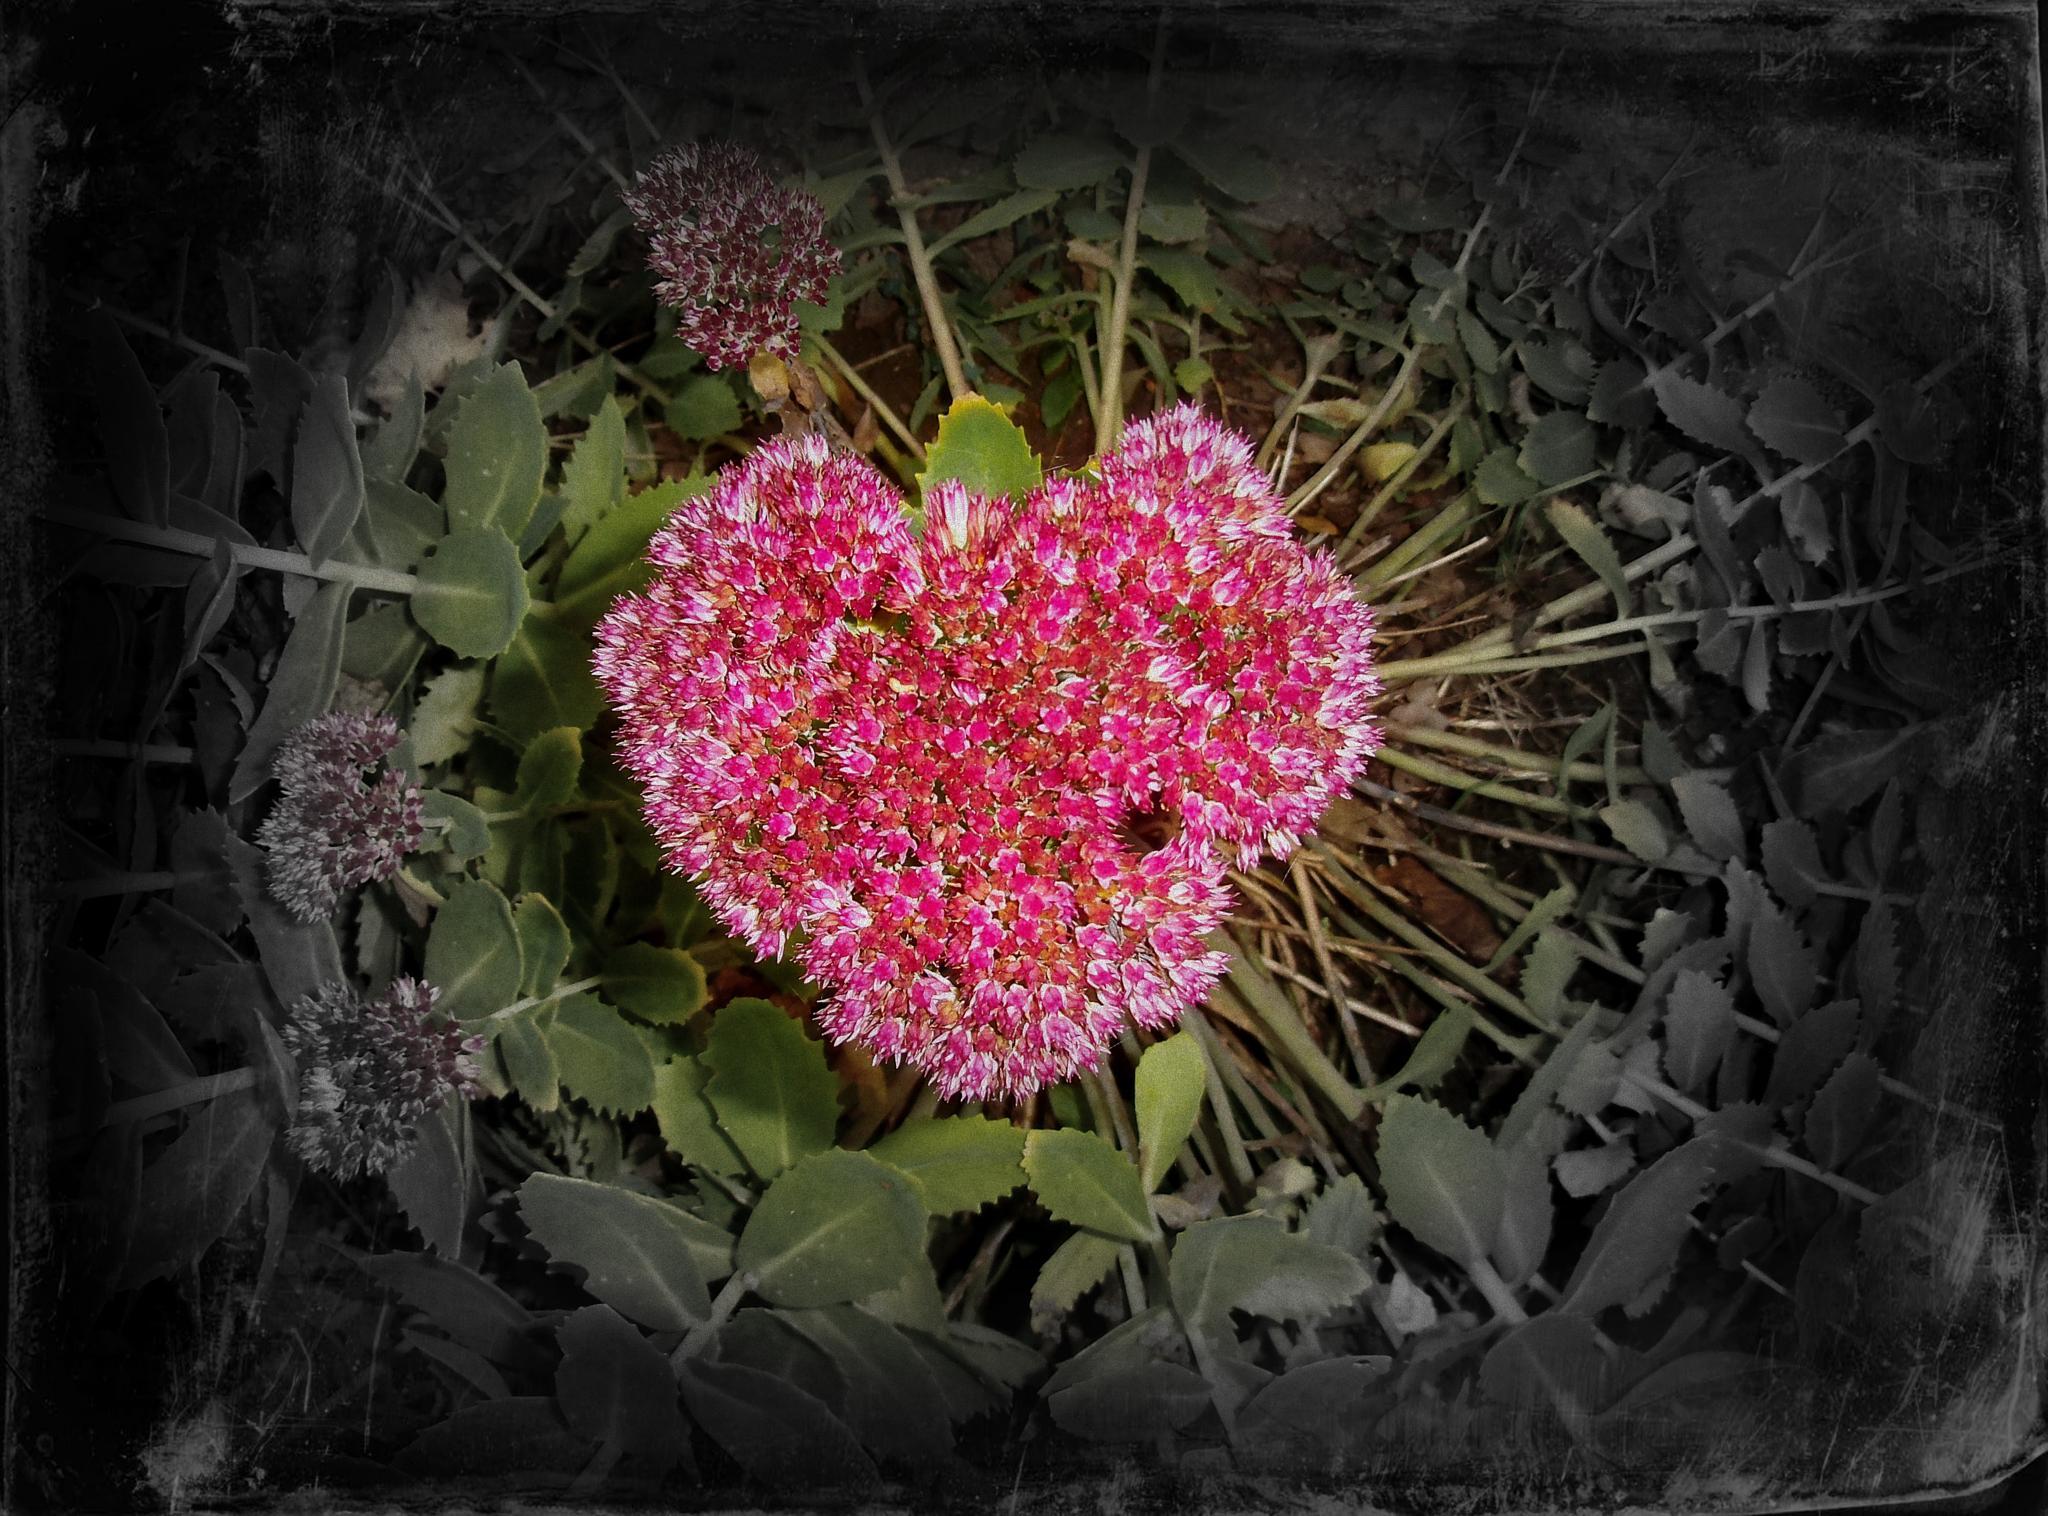 Flower of Love by ronnie.billstrom